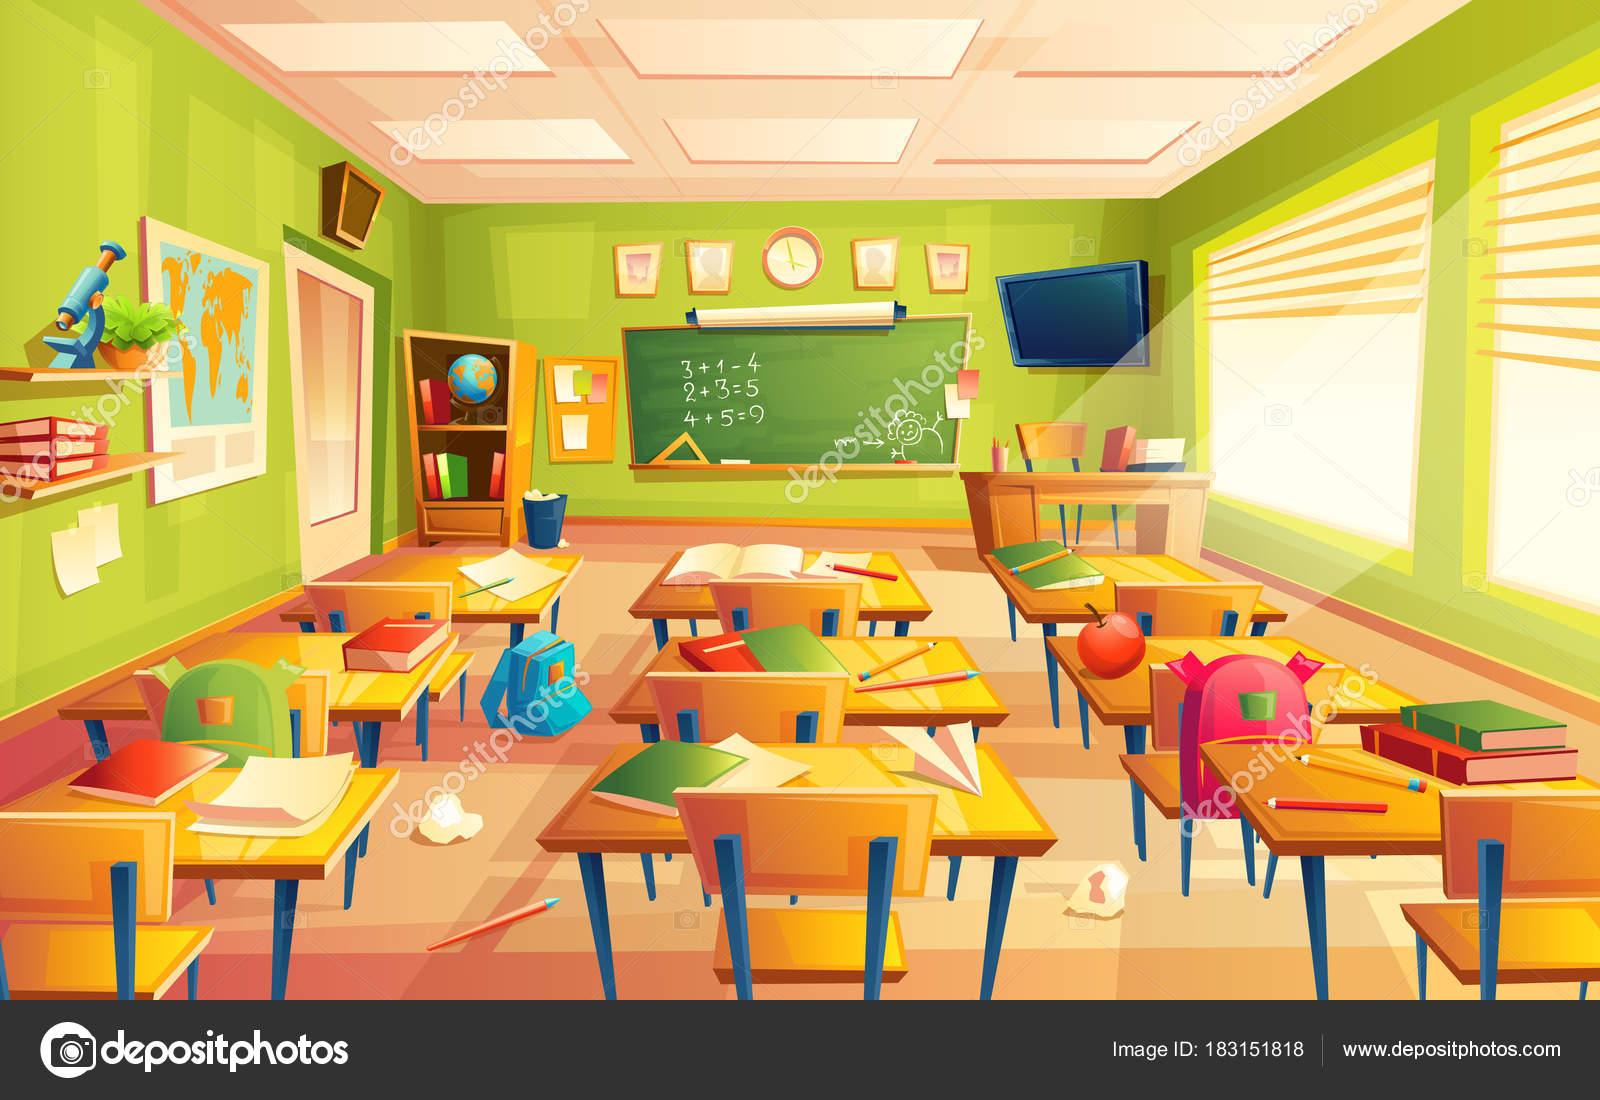 Vector escuela aula, matemáticas formación espacio interior ...